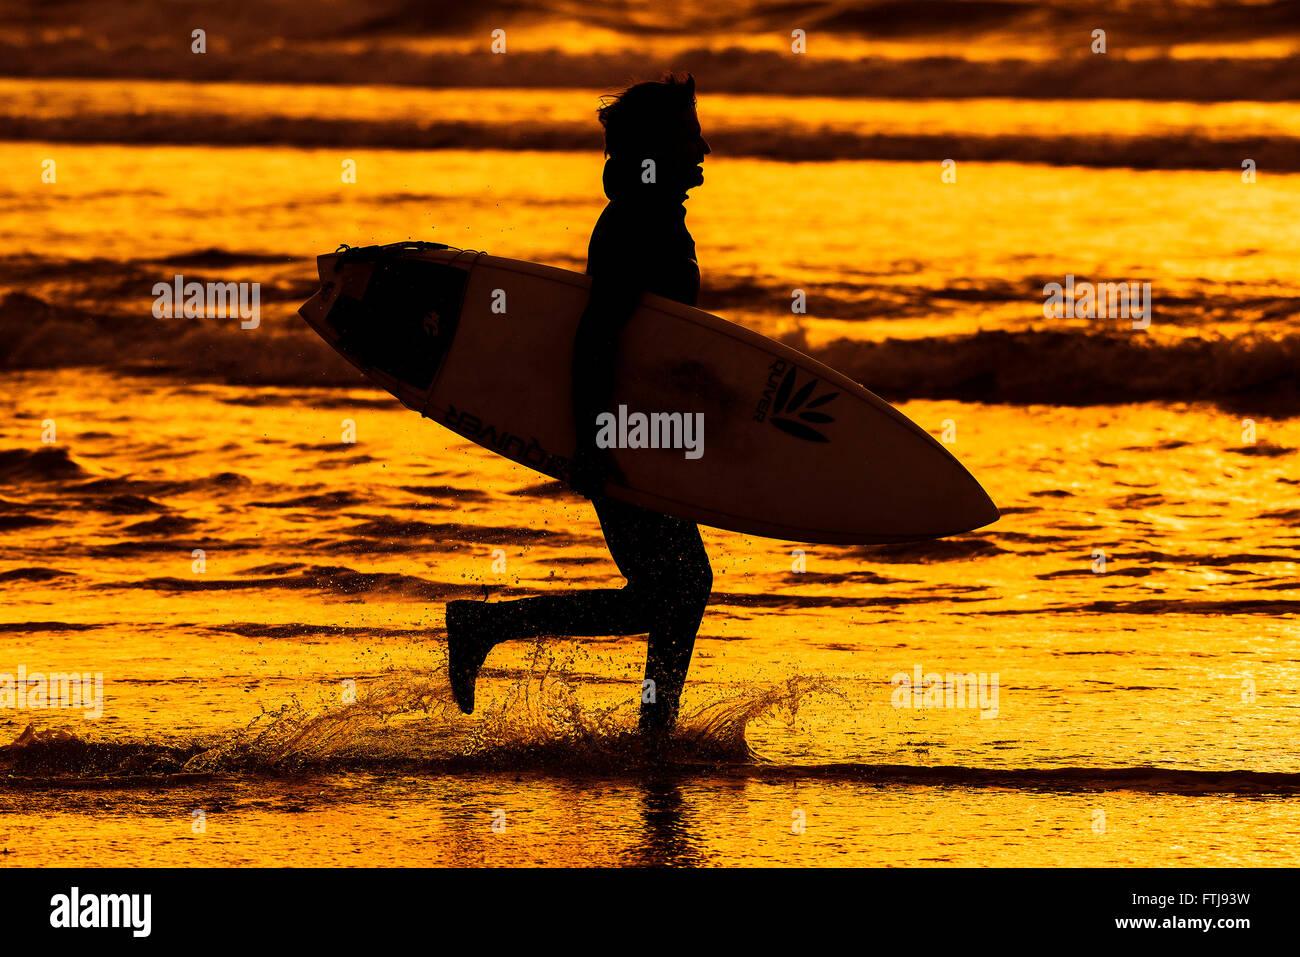 La silhouette di un surfista che corre lungo il litorale su Fistral Beach durante un intensamente colorata in tarda Immagini Stock